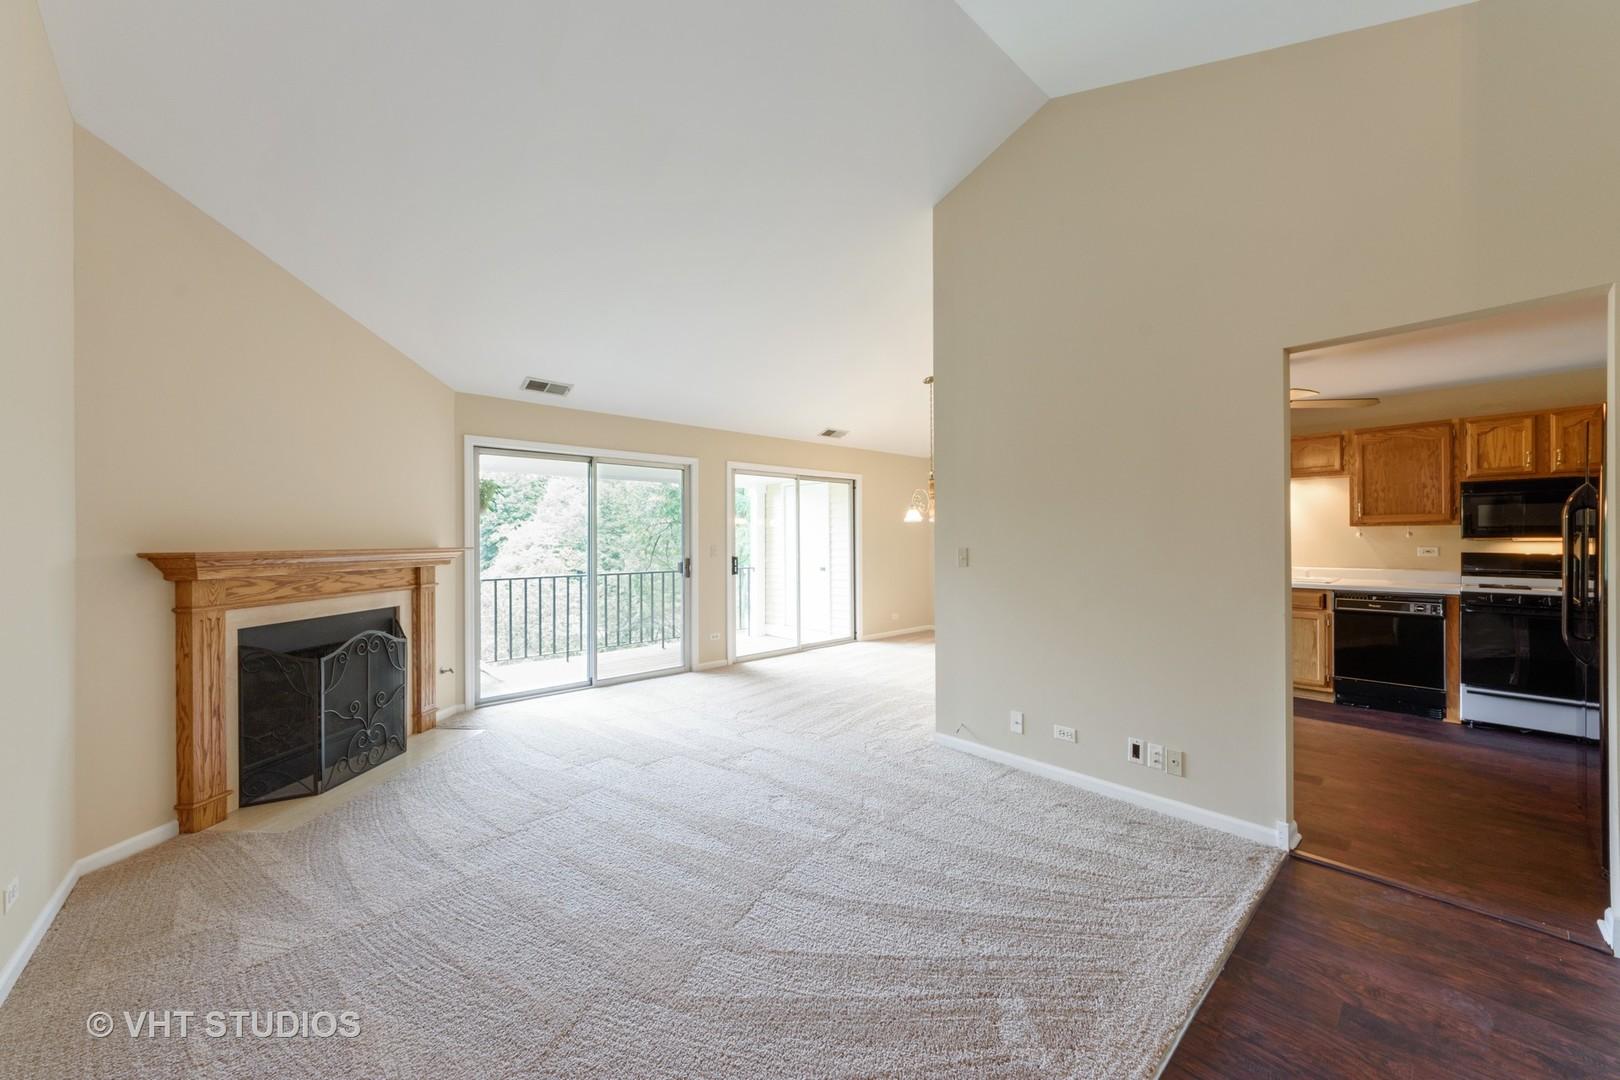 814 Butternut D, MOUNT PROSPECT, Illinois, 60056